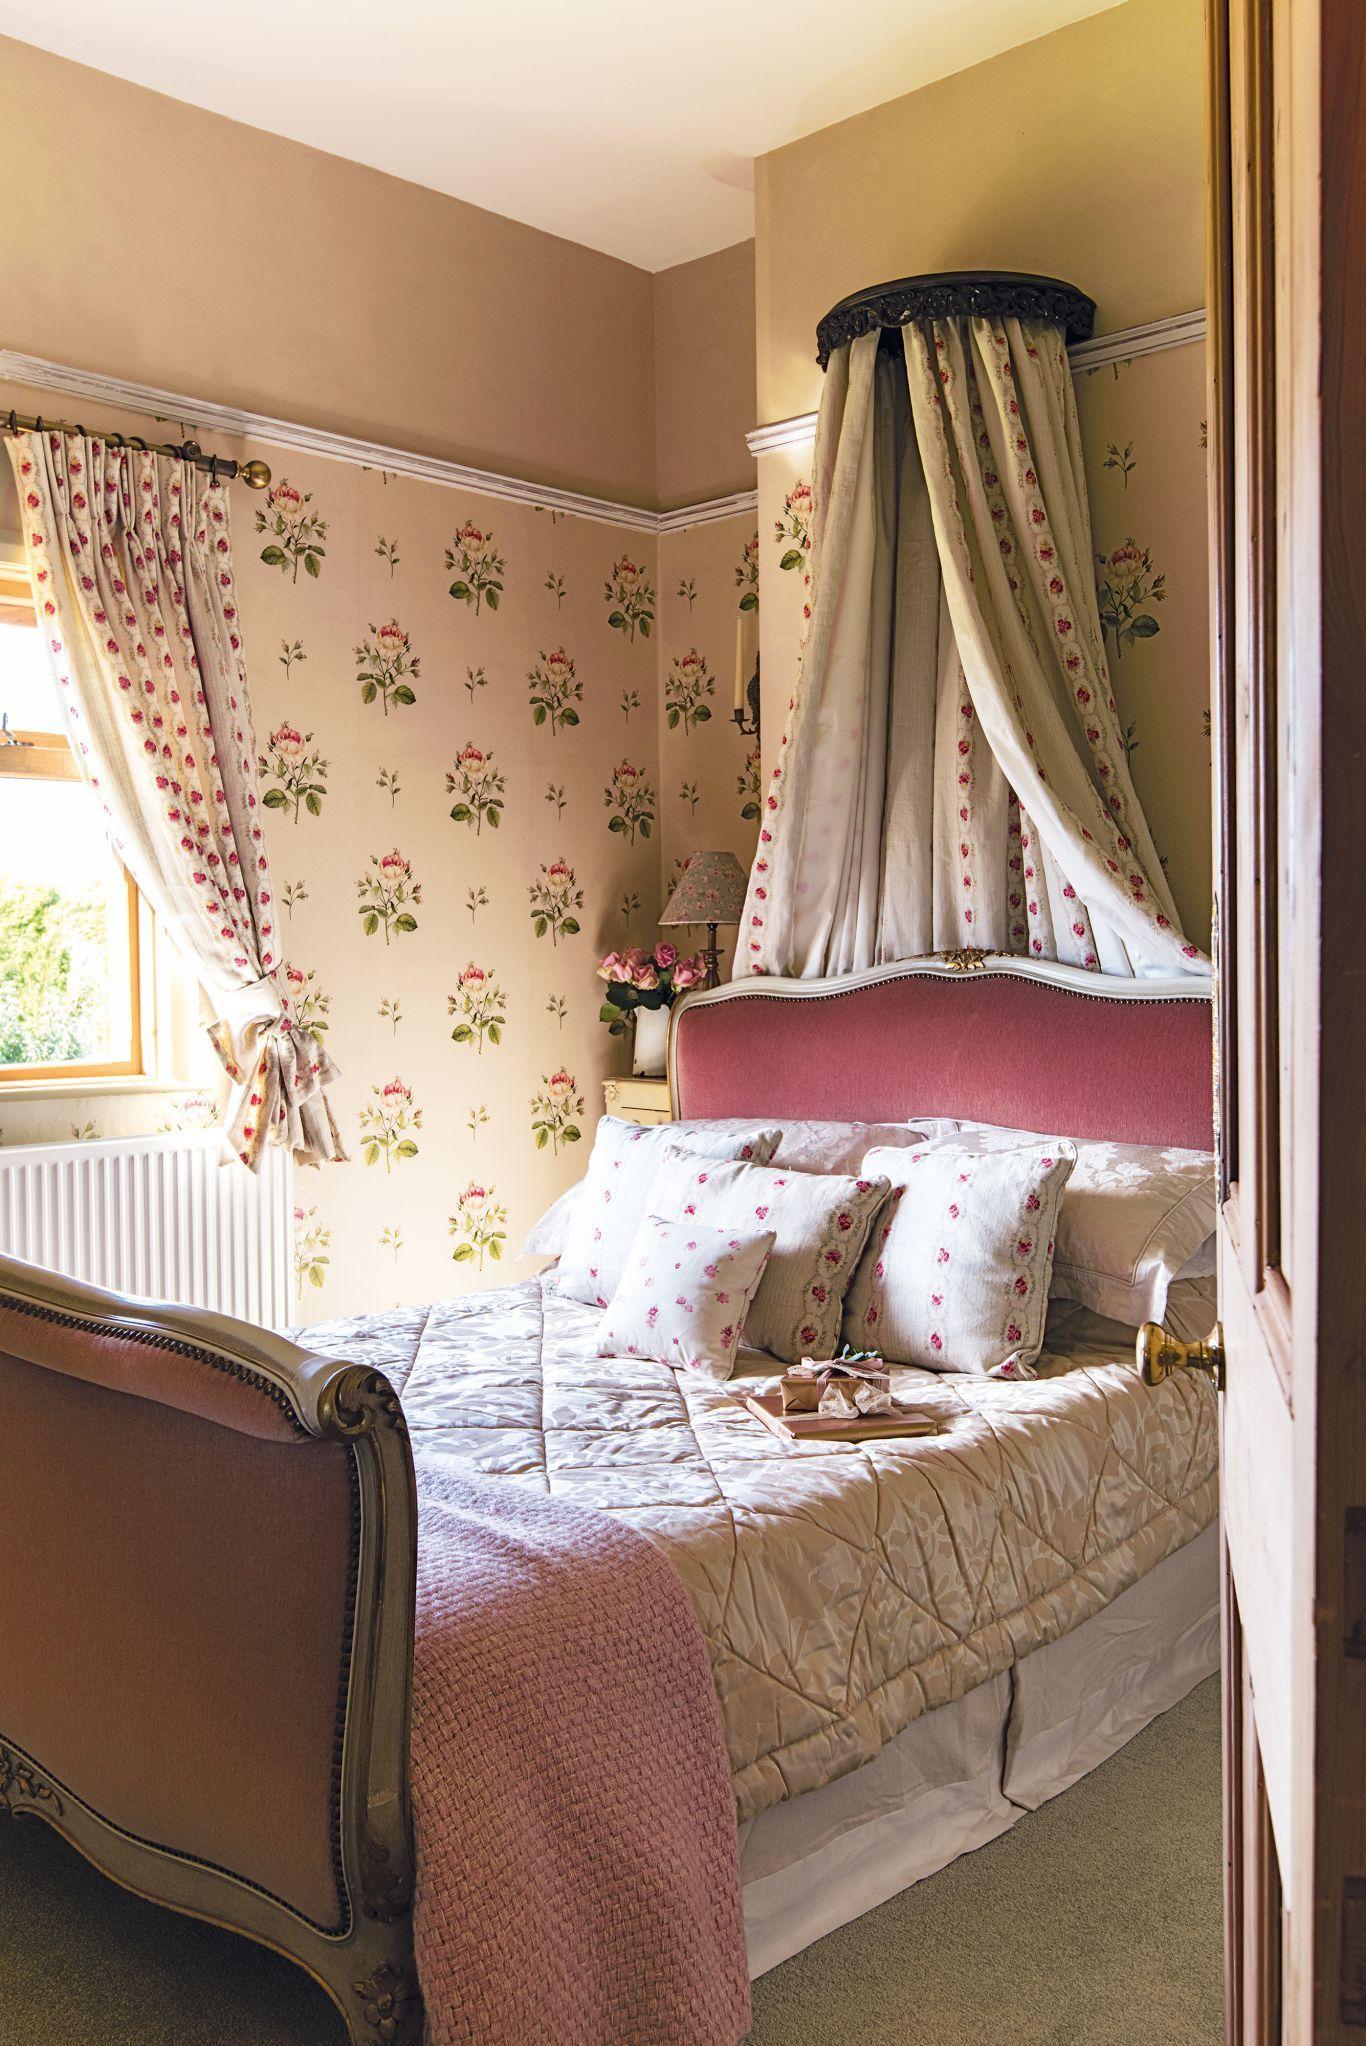 La camera da letto in stile francese | Il mio Blog | Stile francese ...